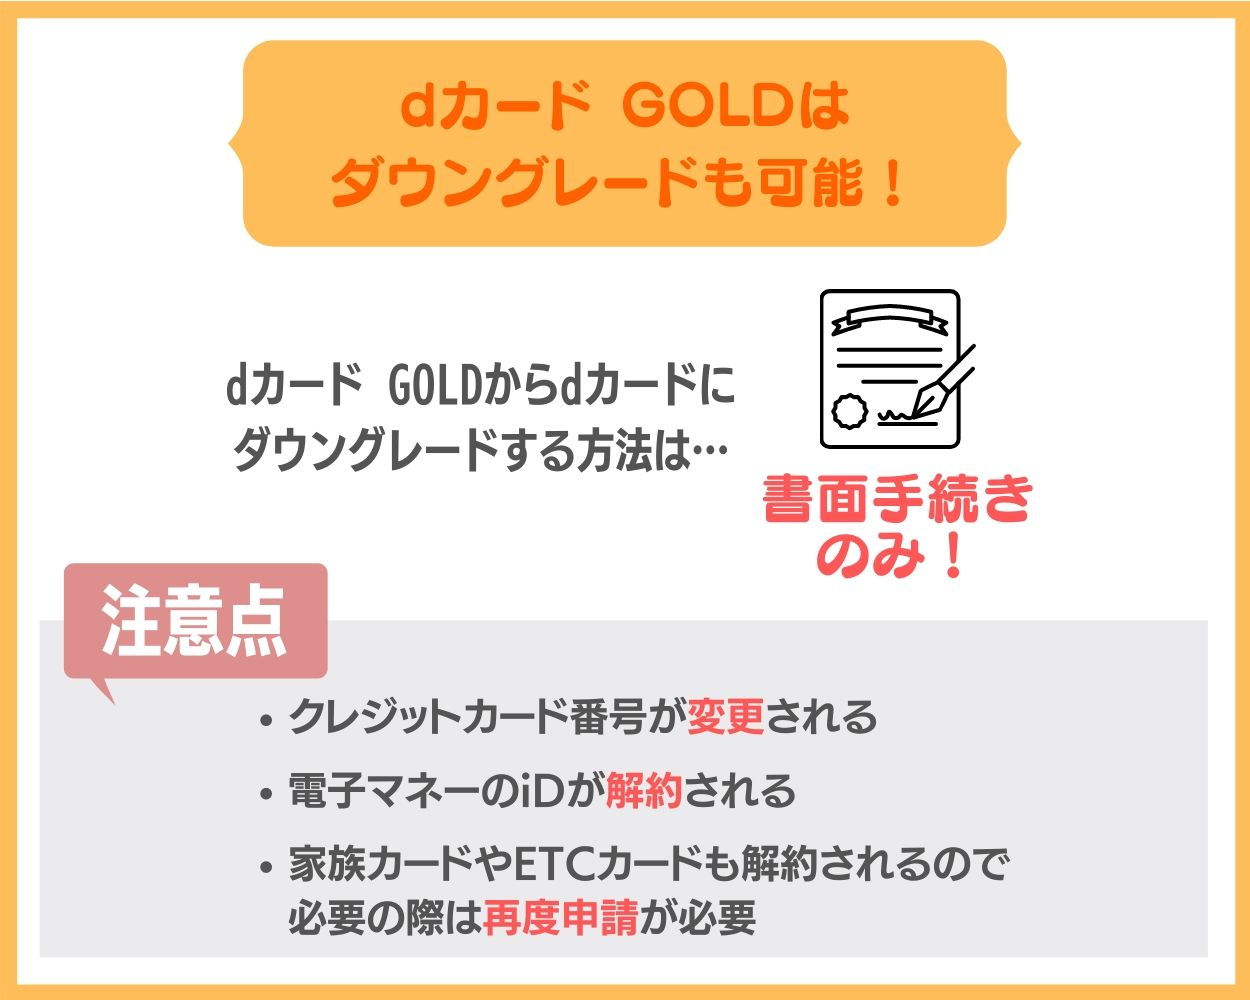 dカード GOLDからdカードへのダウングレード方法